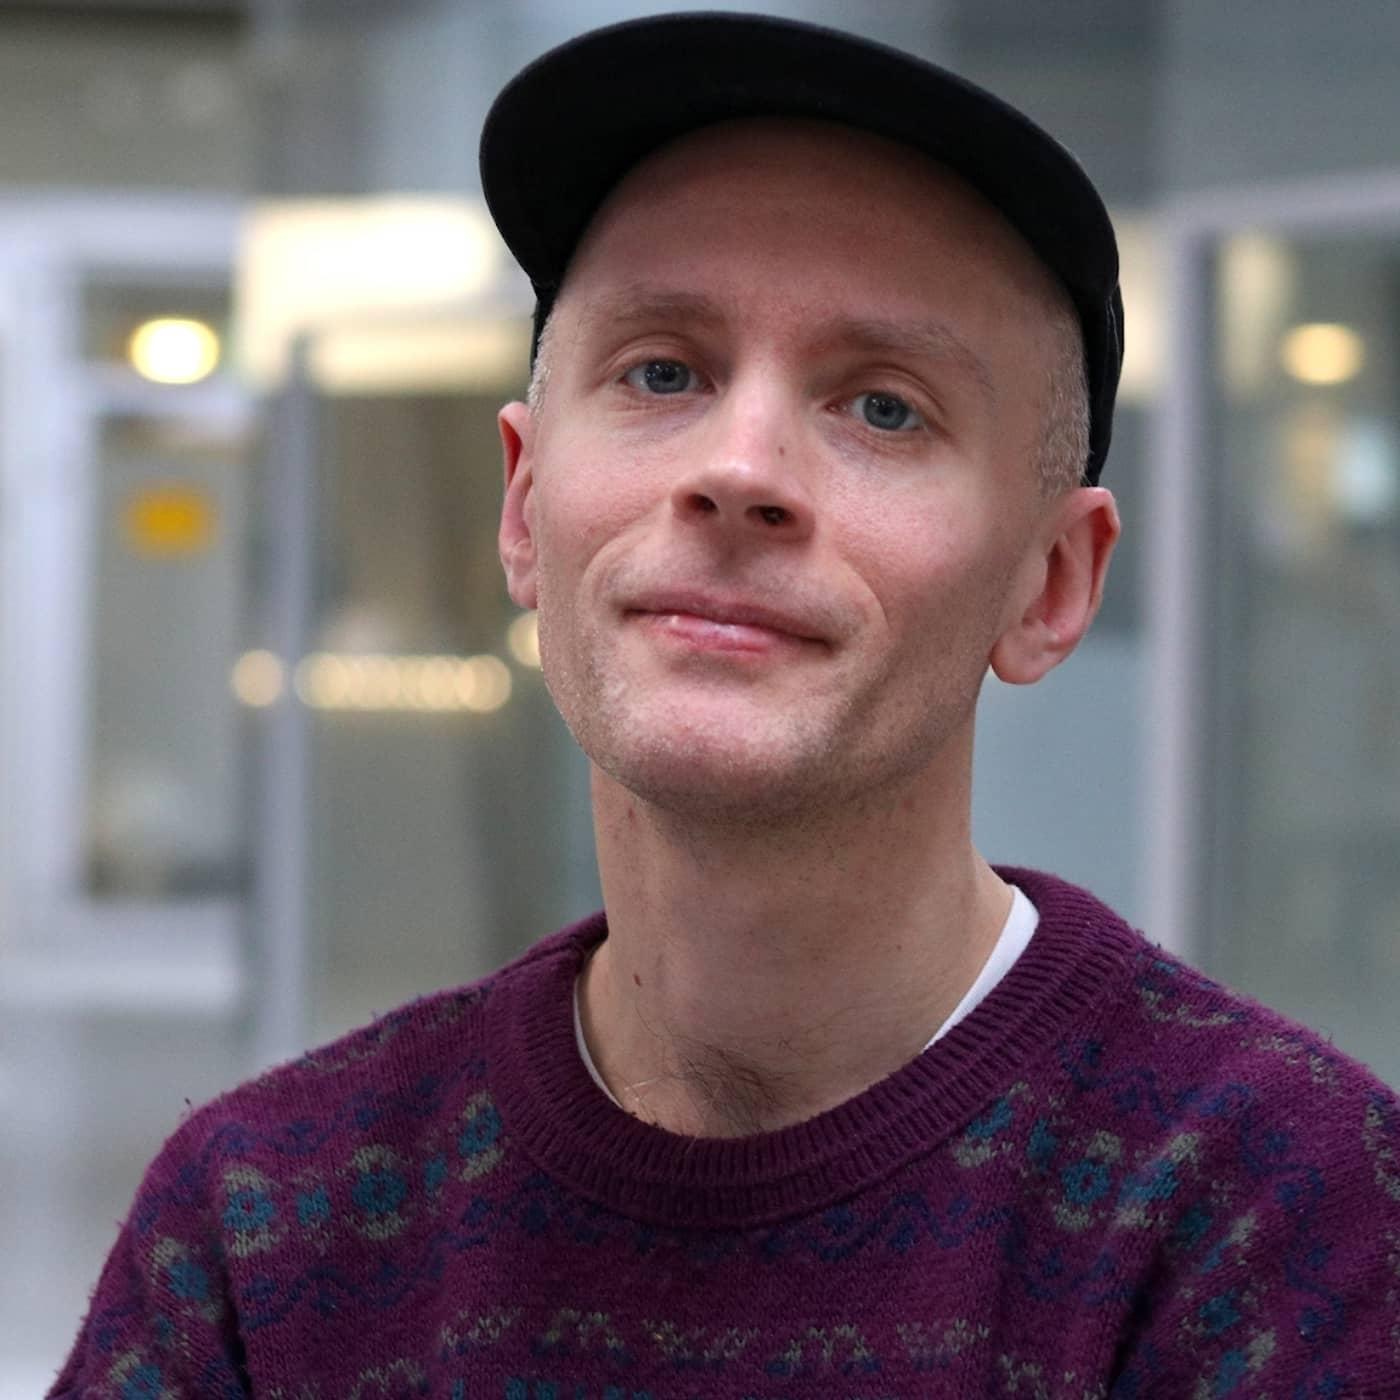 Jens Lekman: Jag har alltid varit ett kontrollfreak